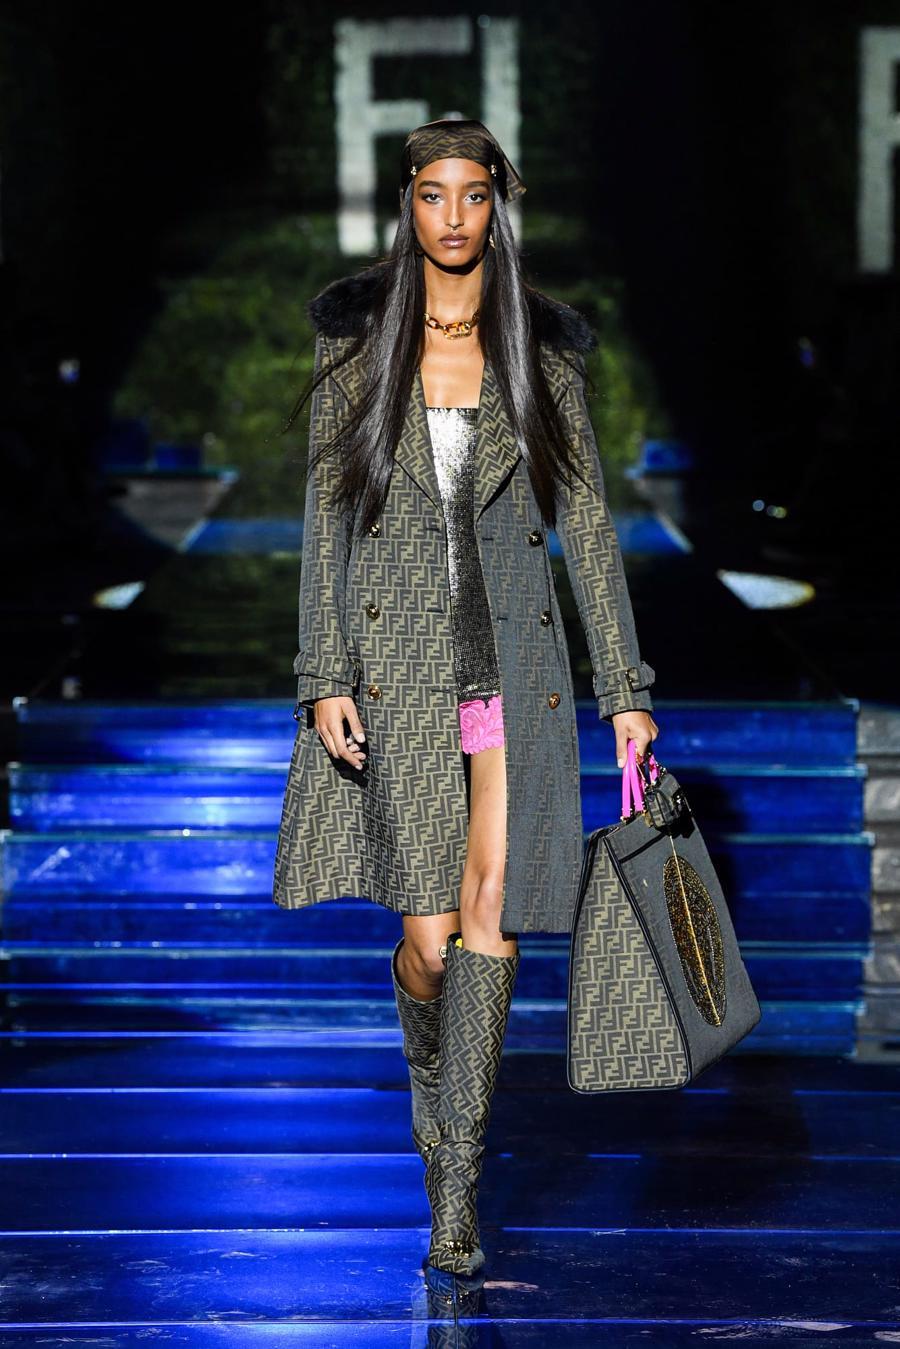 Màn bắt tay lịch sử của hai tập đoàn thời trang xa xỉ đẳng cấp thế giới - Ảnh 12